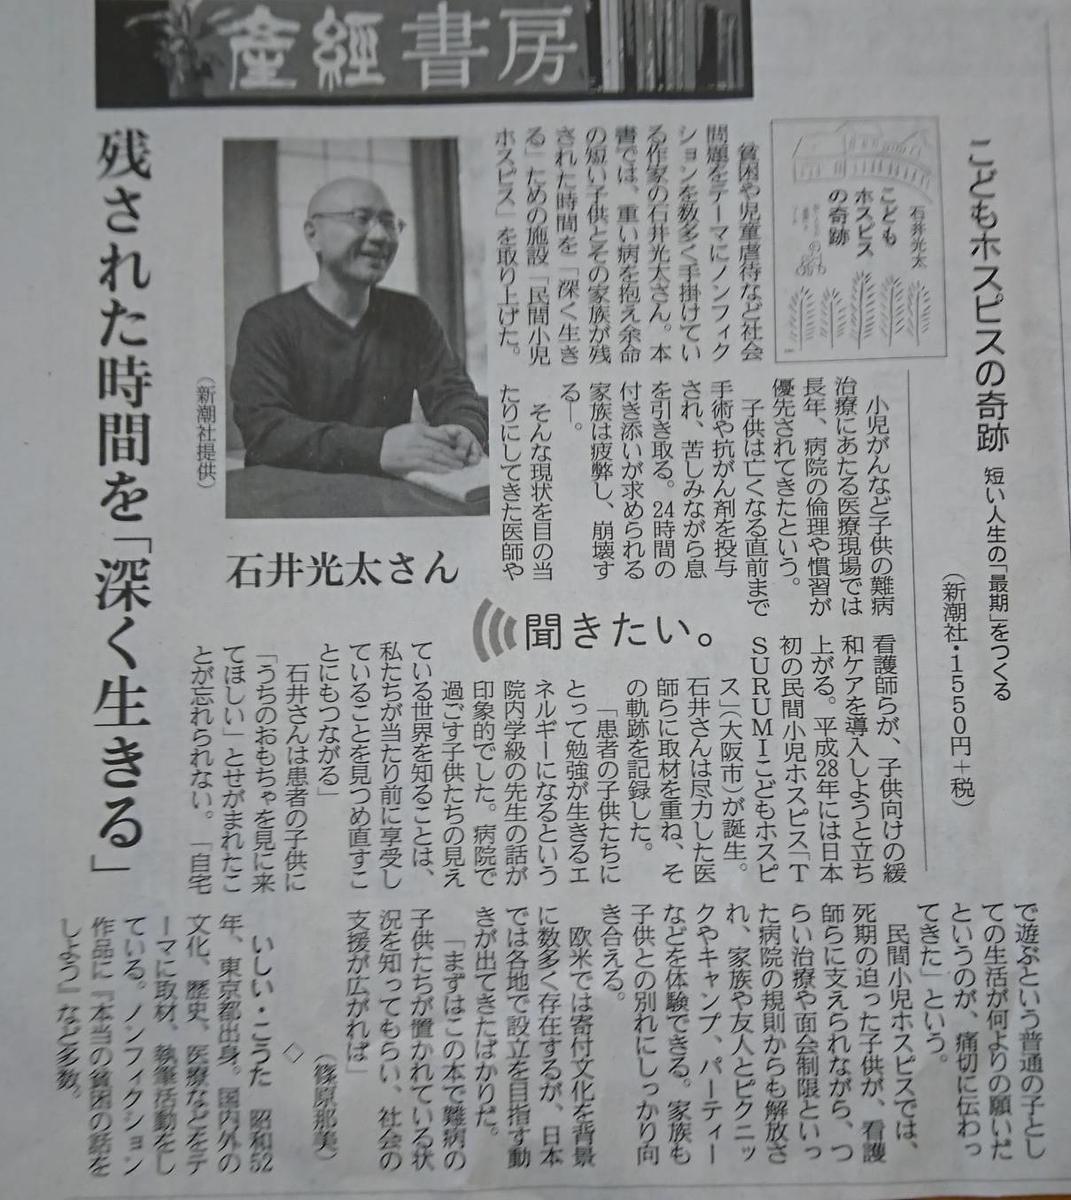 f:id:kazura-kobayashi:20210119140434j:plain